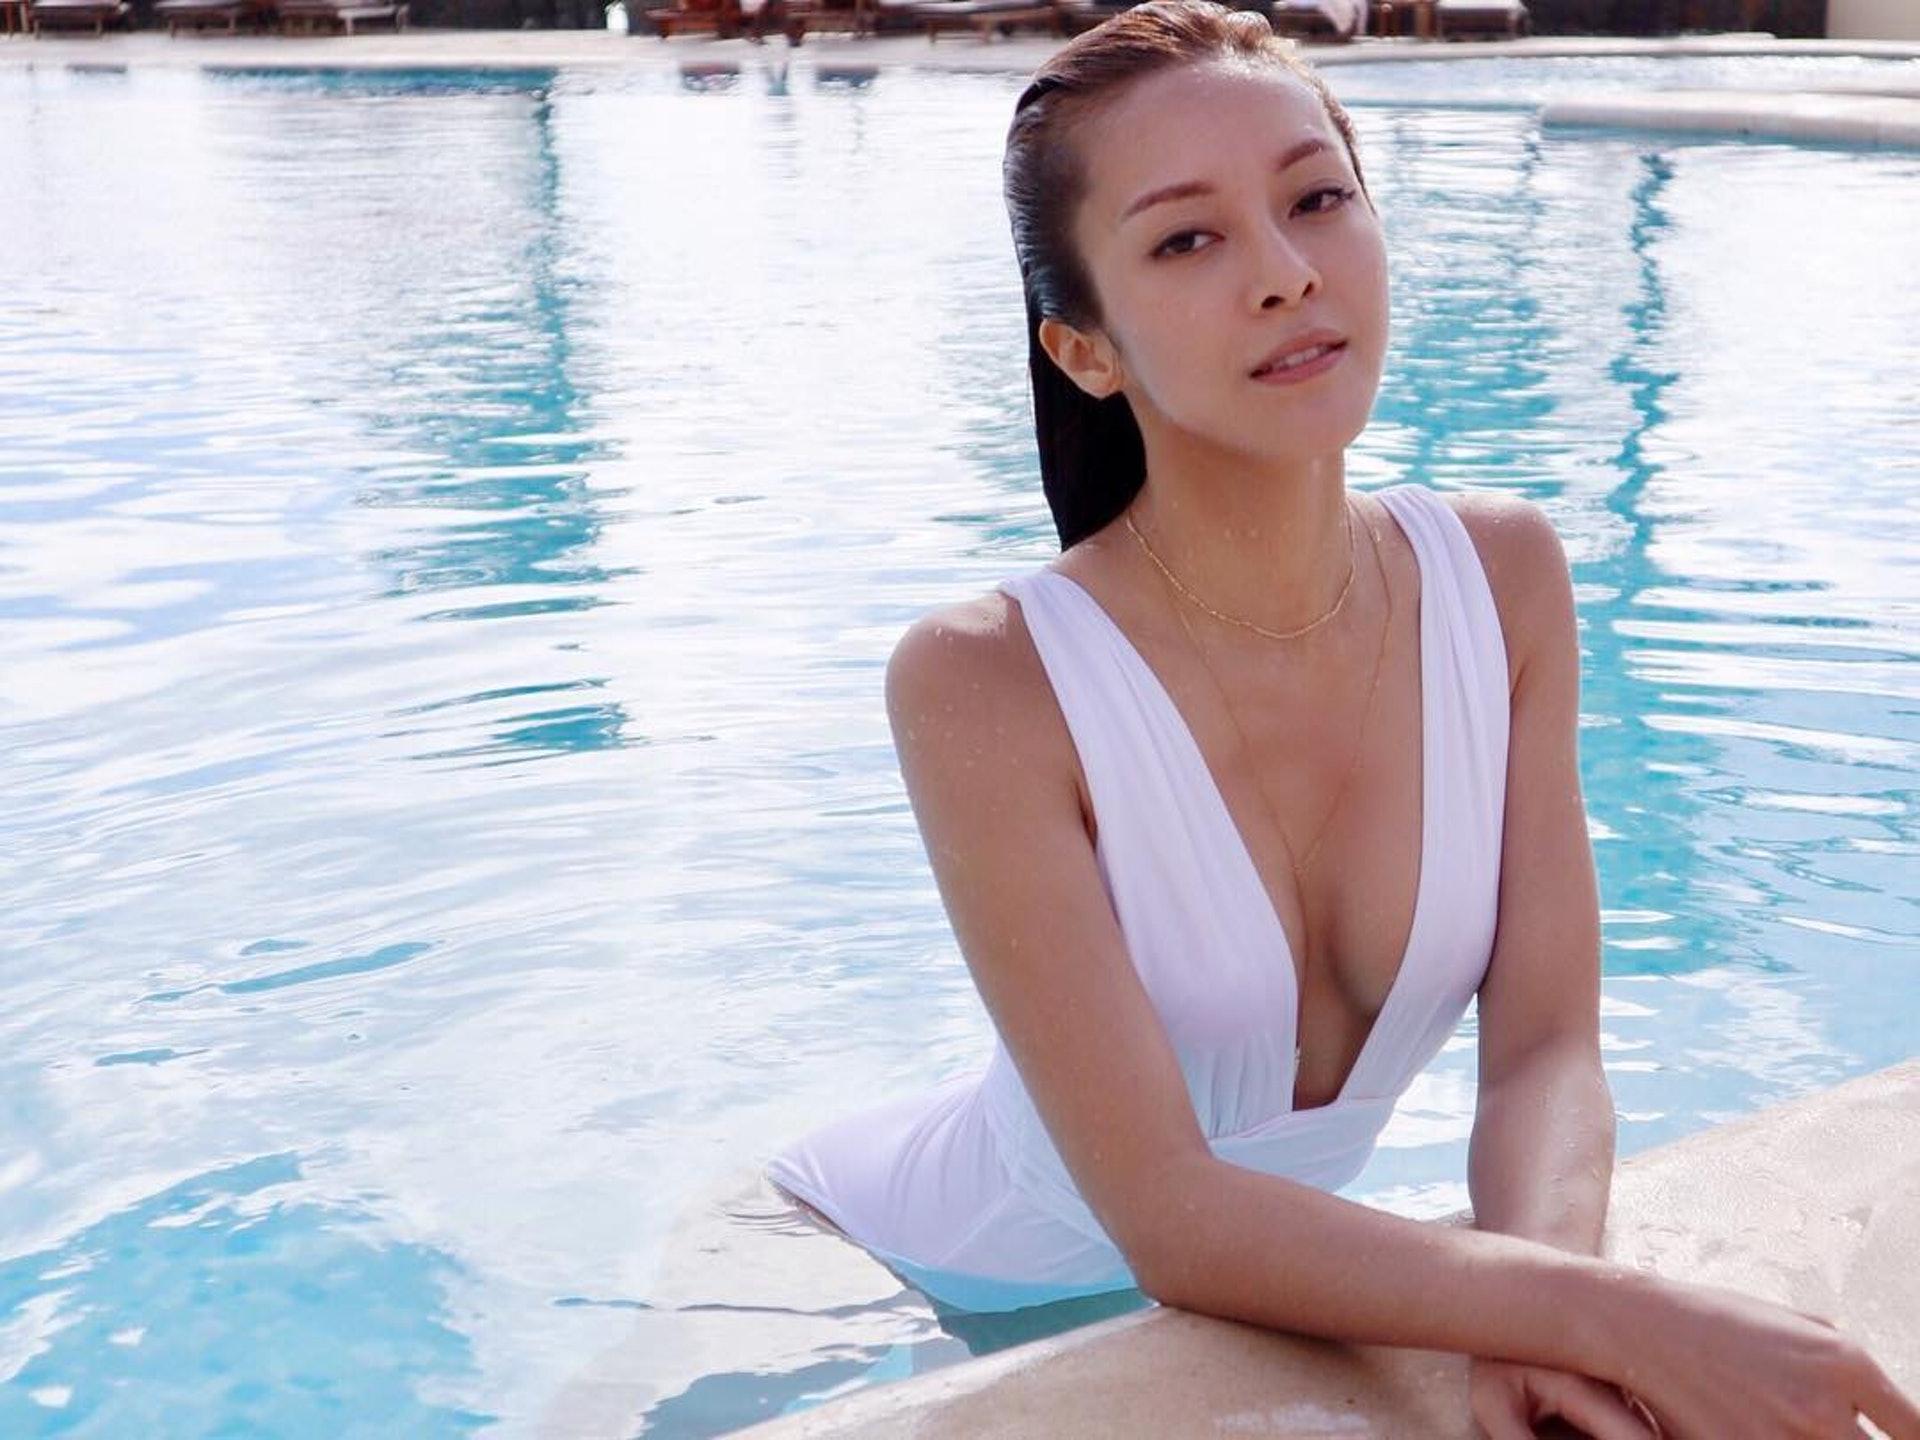 張曦雯這件復古白色一件頭泳衣,Deep V開到腰,非常性感同時又非常優雅!(IG圖片)